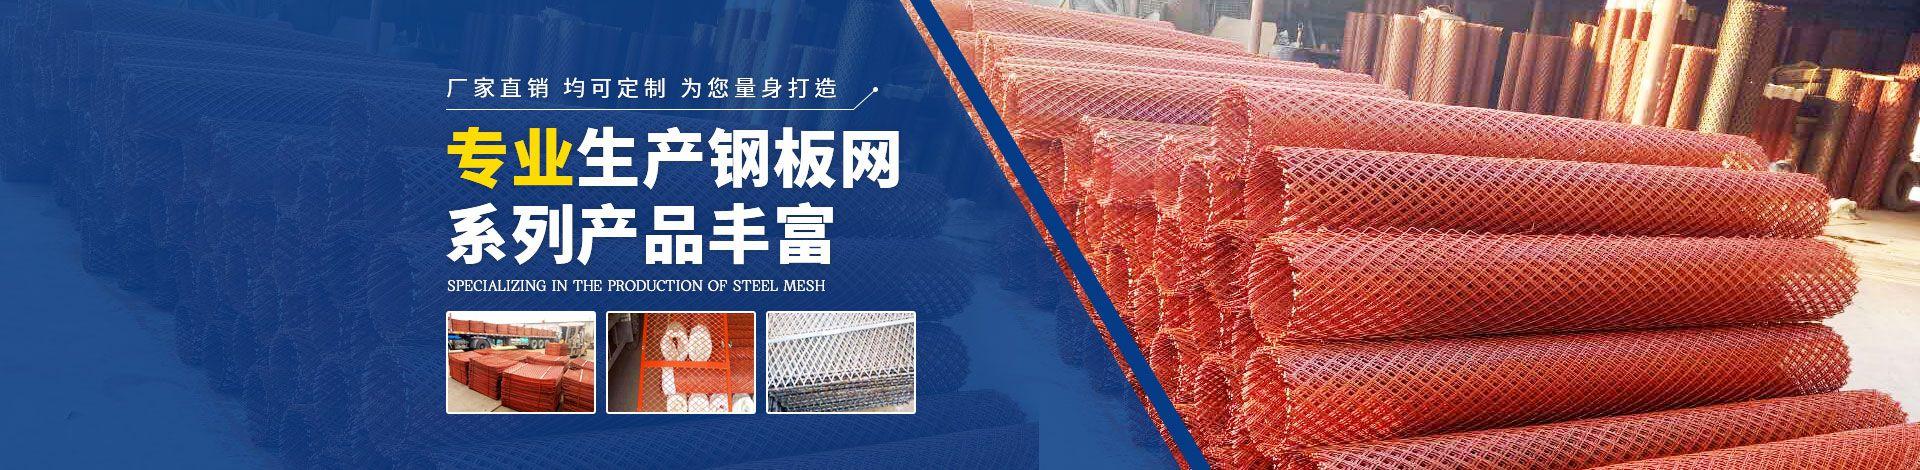 安平县万泰金属丝网制品有限公司